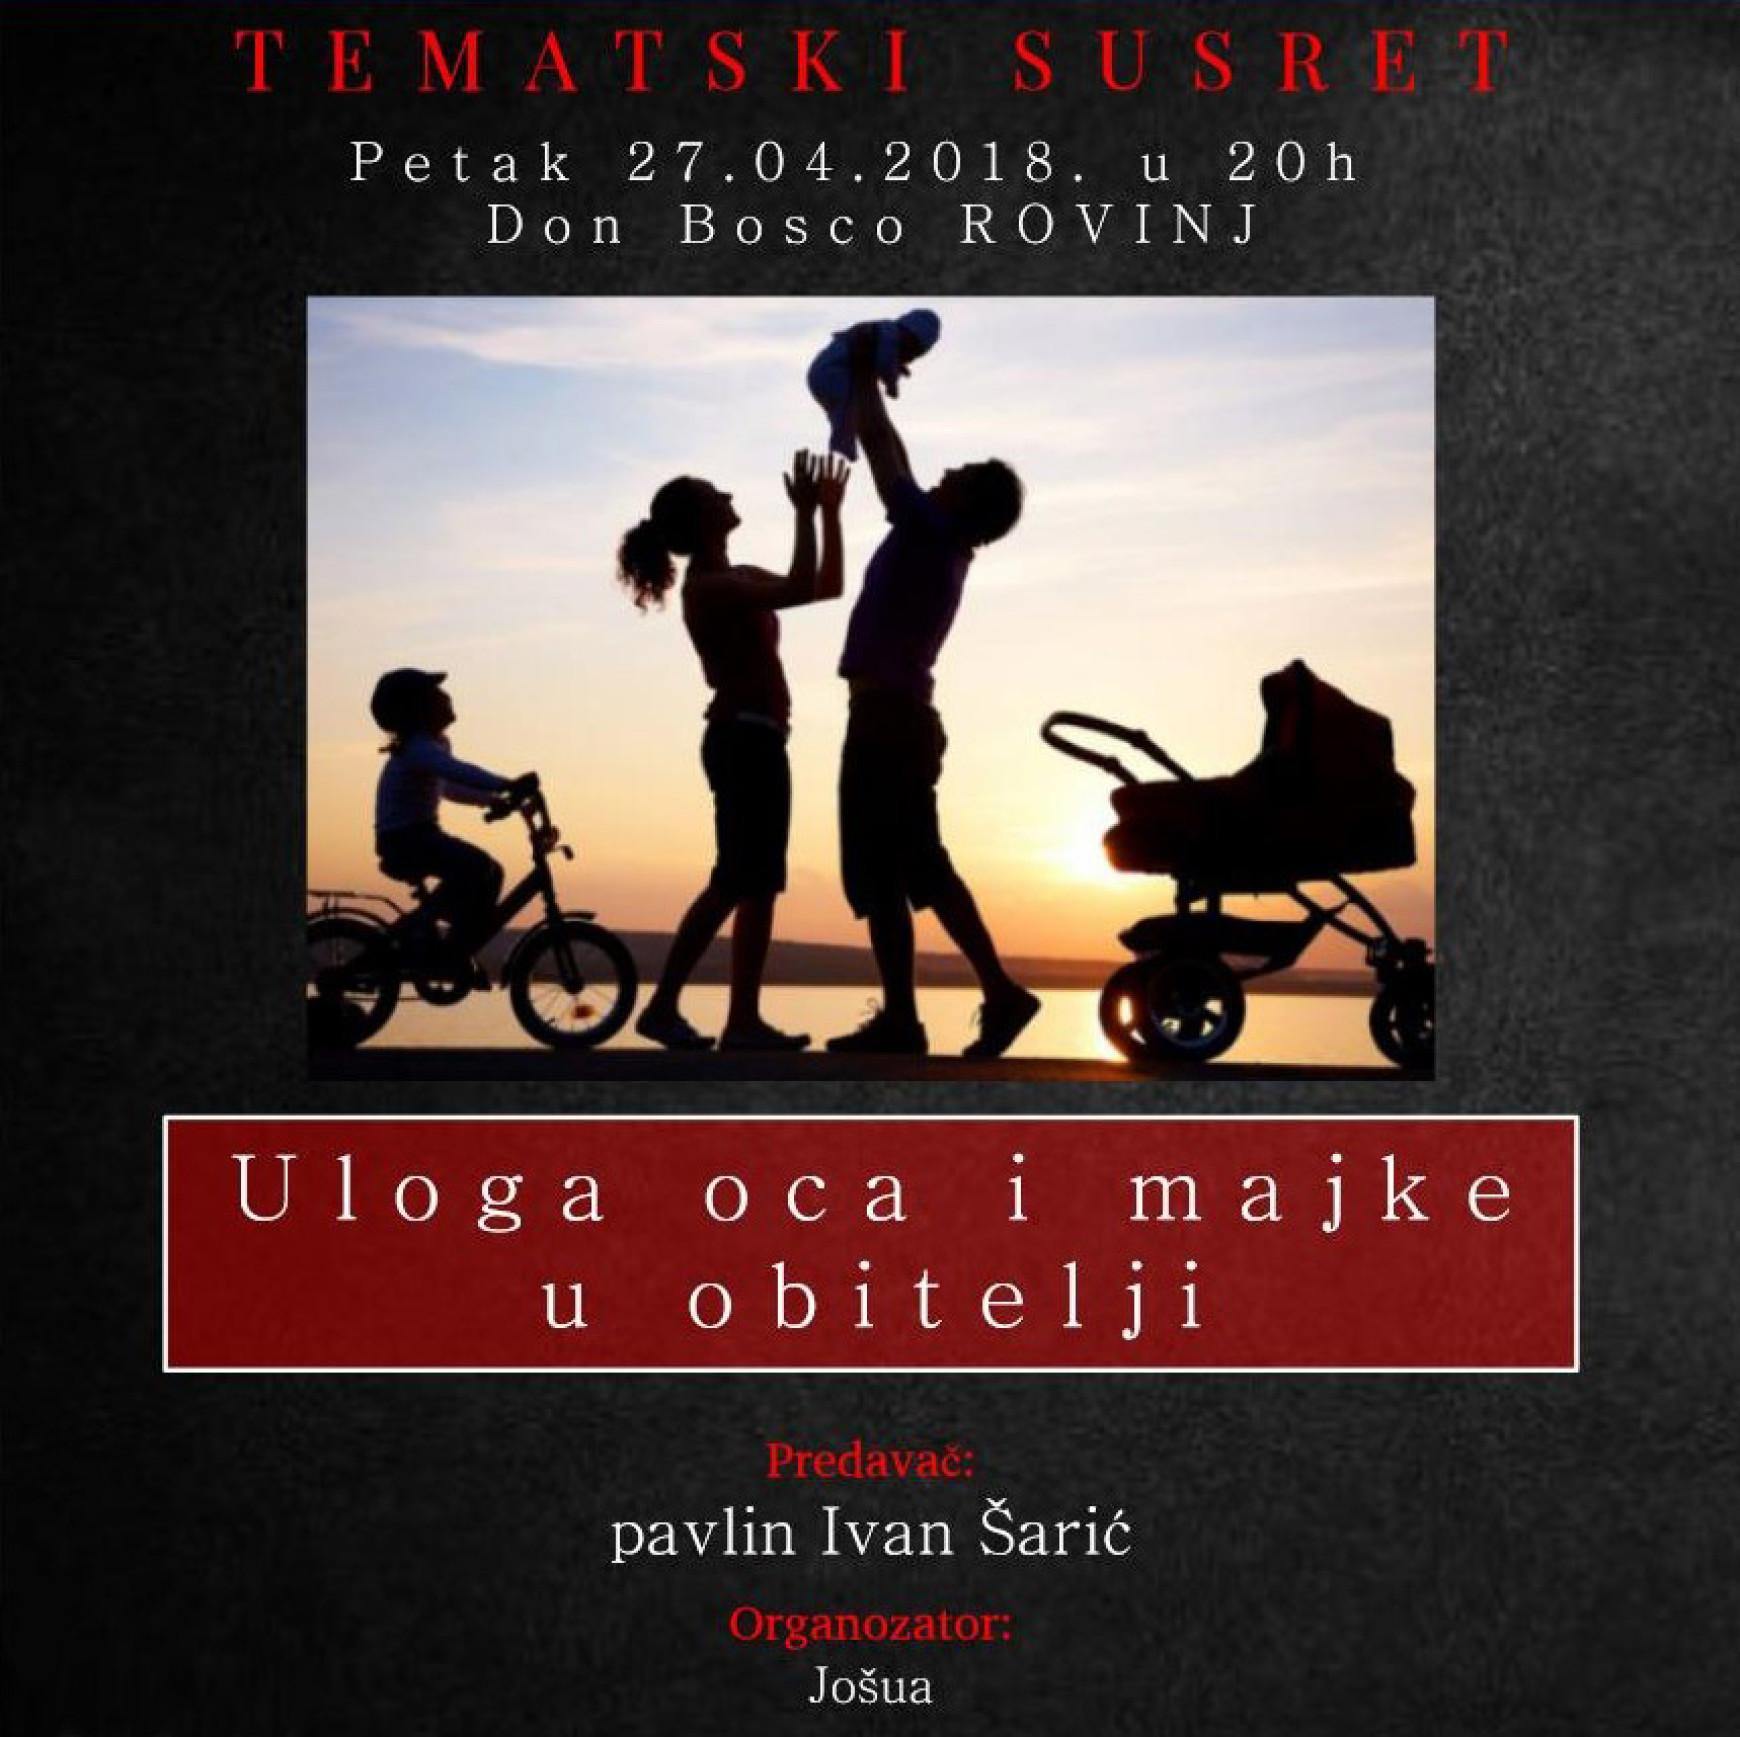 Uloga oca i majke u obitelji